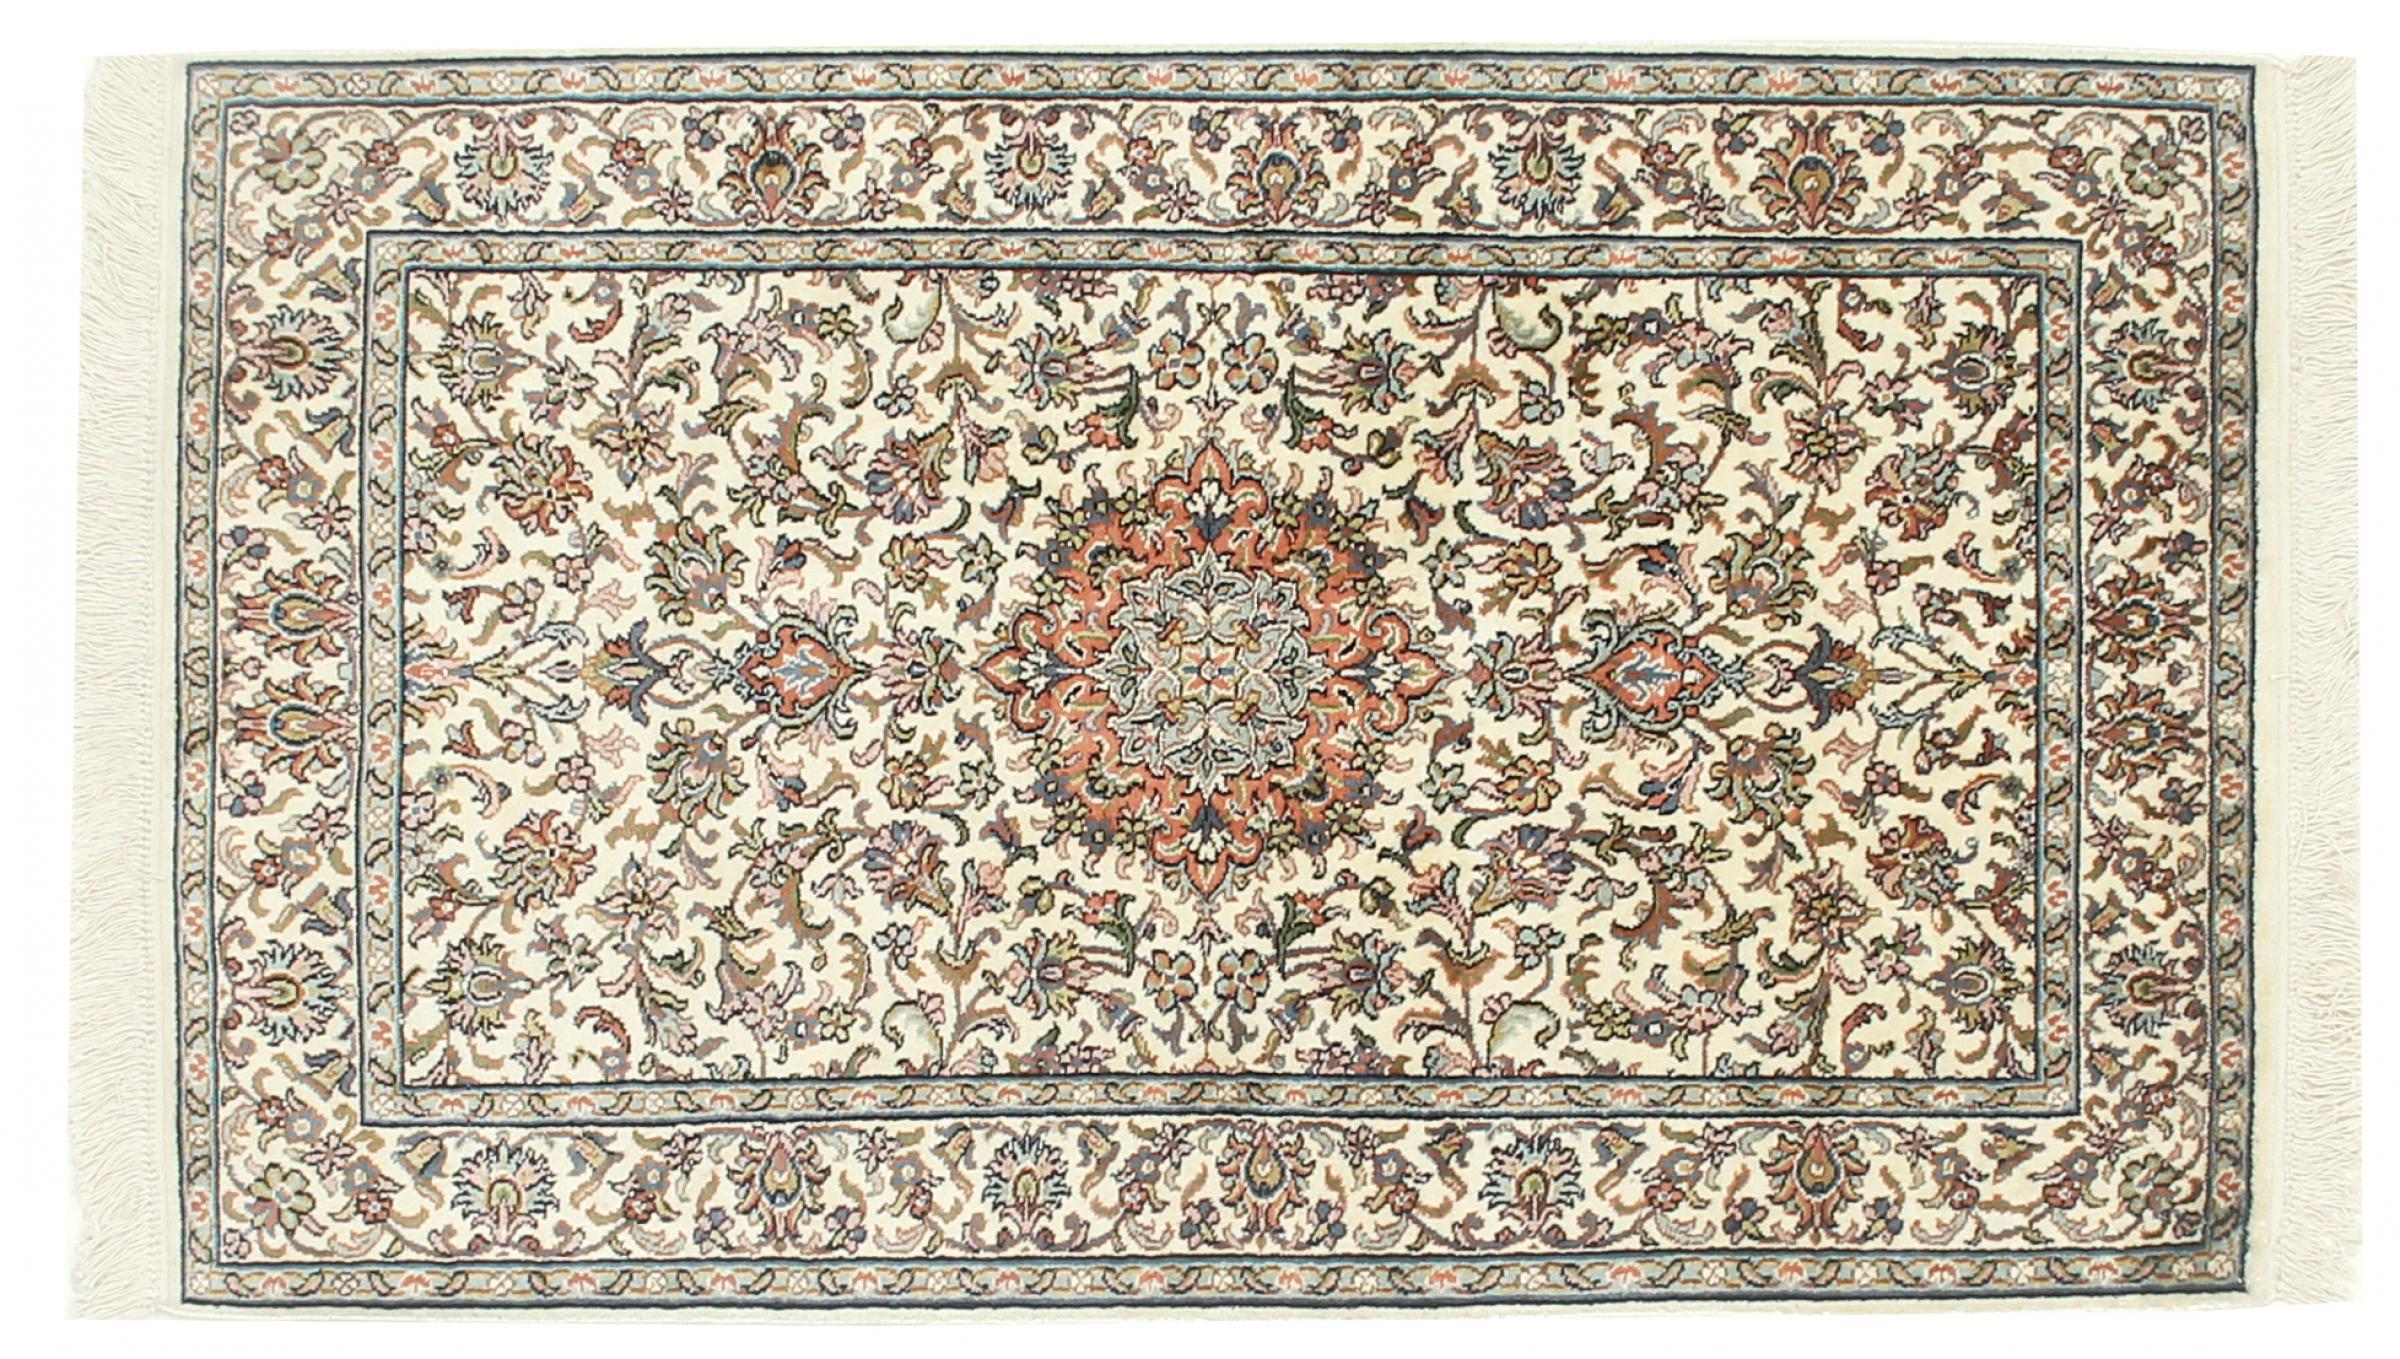 kaschmir reine seide indischer teppich 132x78 id33040. Black Bedroom Furniture Sets. Home Design Ideas